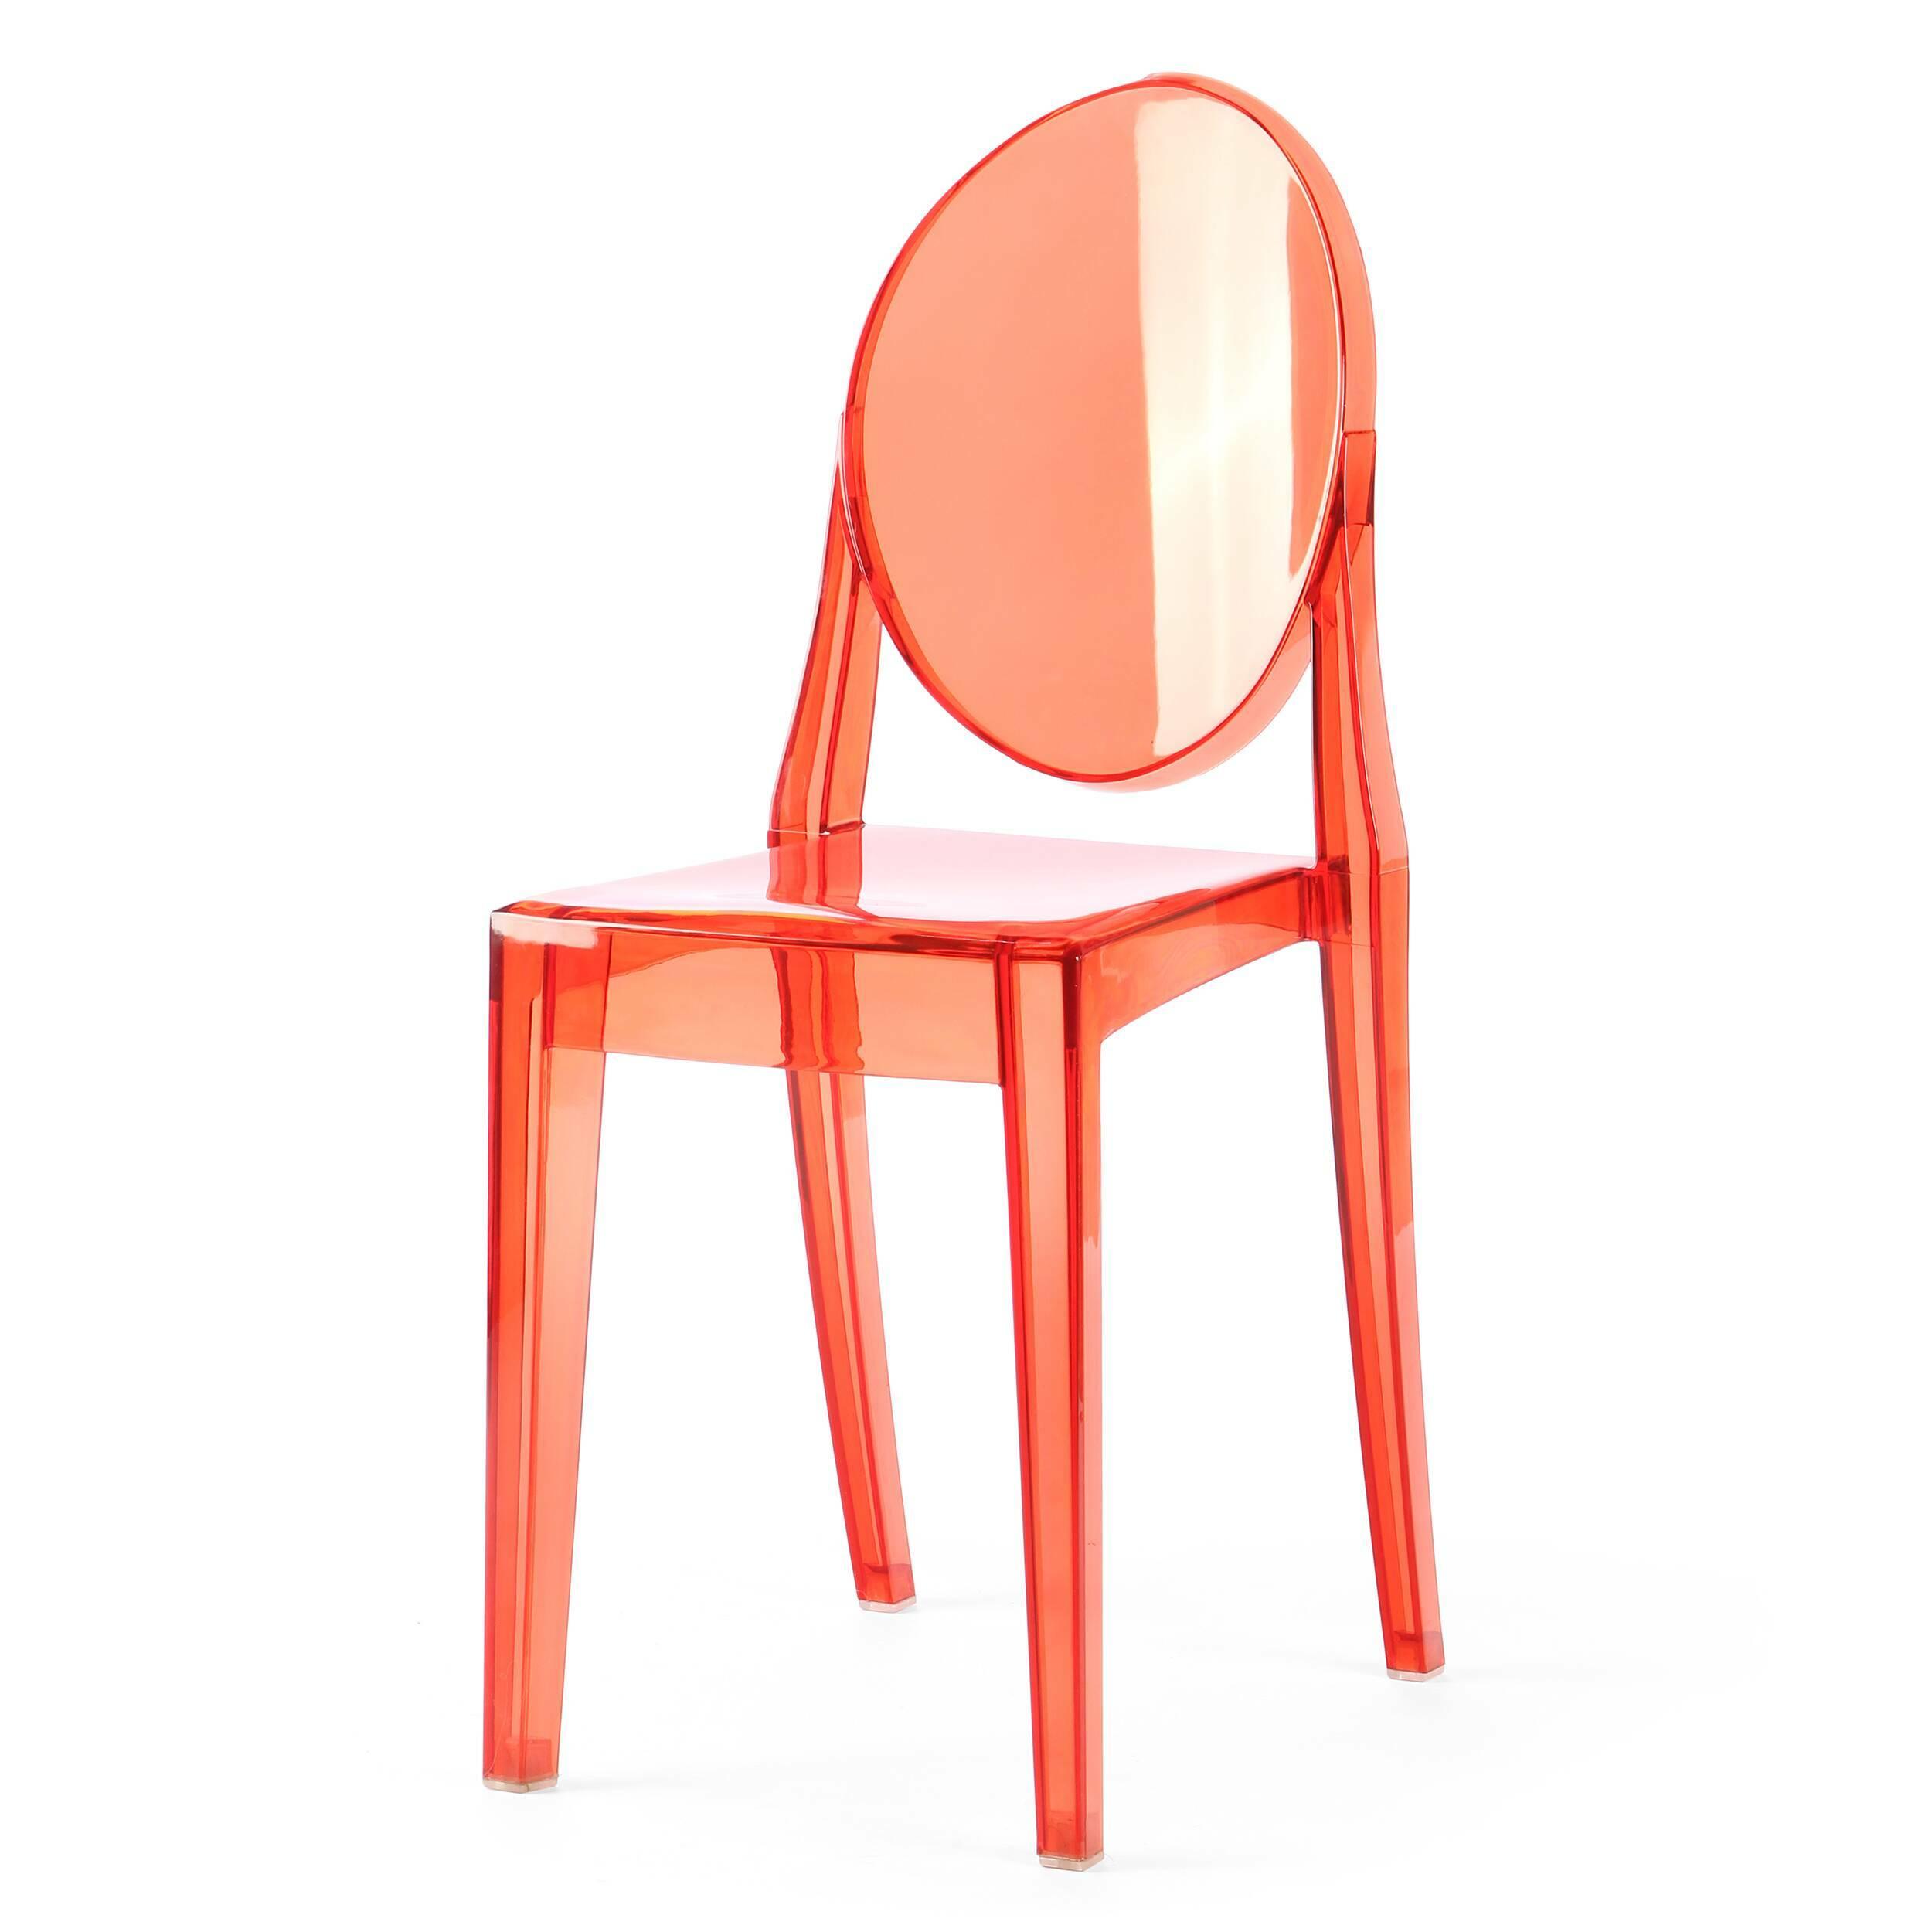 Стул Victoria GhostИнтерьерные<br>Дизайнерский прозрачный пластиковый стул Victoria Ghost (Виктория Гост) с подлокотниками от Cosmo (Космо).<br>Обращаясь к стилю рококо, господствовавшему во Франции в XVIII веке, французский промышленный дизайнер Филипп Старк в 2002 году разработал эти удобные современные стулья. Современность, черпающая вдохновение в стиле времен правления Людовика XV, удивляет и в то же время очаровывает. Оригинальные стулья Victoria Ghost от Филиппа Старка послужат элегантным дополнением вашего интерьера.<br><br>...<br><br>stock: 9<br>Высота: 90,5<br>Высота сиденья: 48,5<br>Ширина: 38,5<br>Глубина: 49,5<br>Материал каркаса: Поликарбонат<br>Тип материала каркаса: Пластик<br>Цвет каркаса: Красный прозрачный